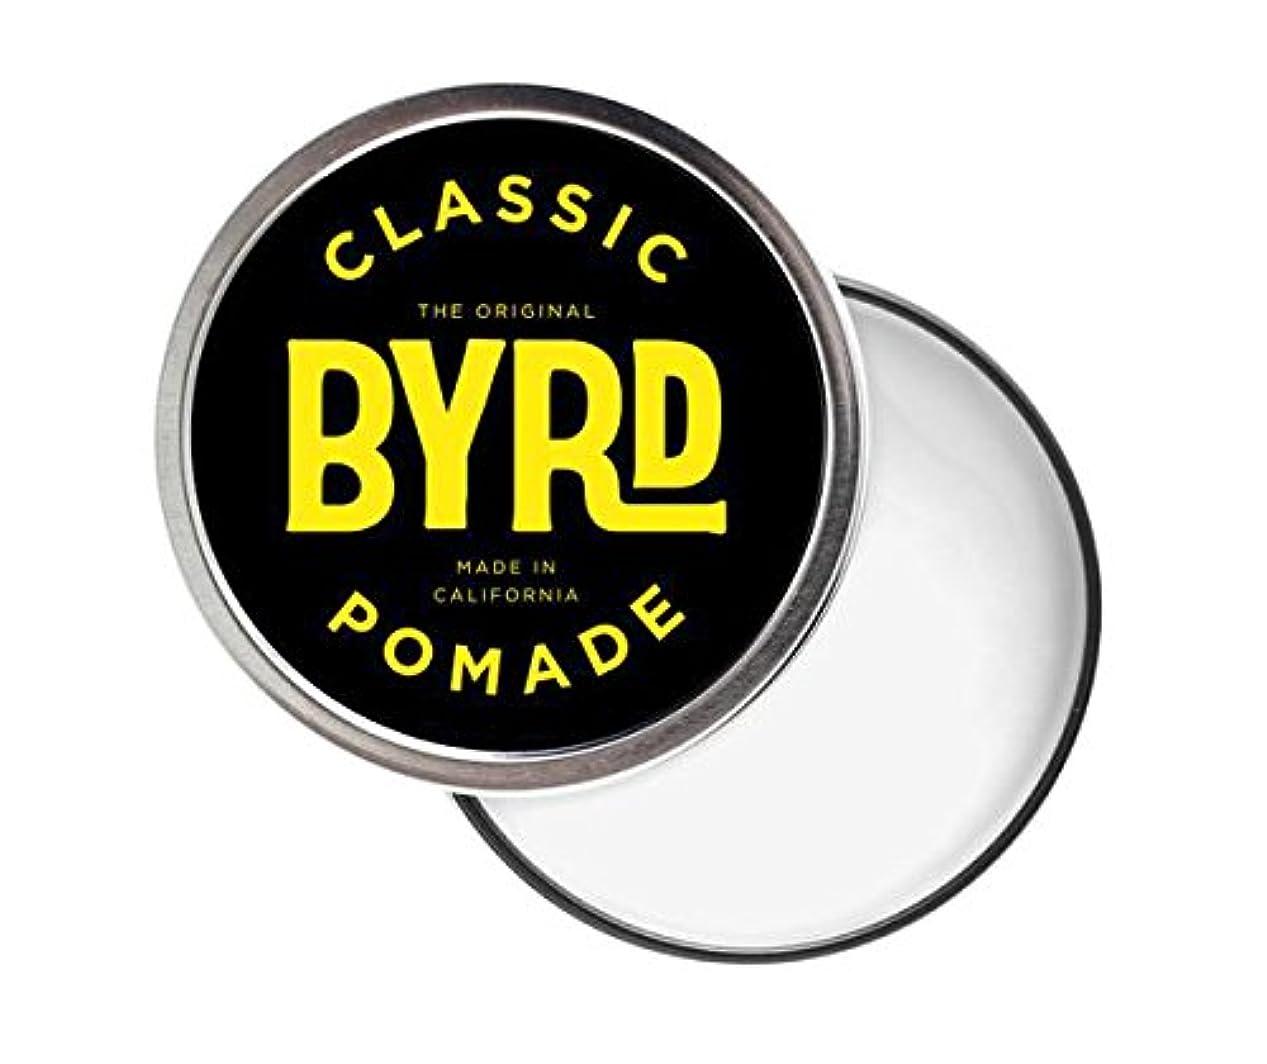 プリーツ振幅骨の折れるBYRD(バード) クラシックポマード 42g